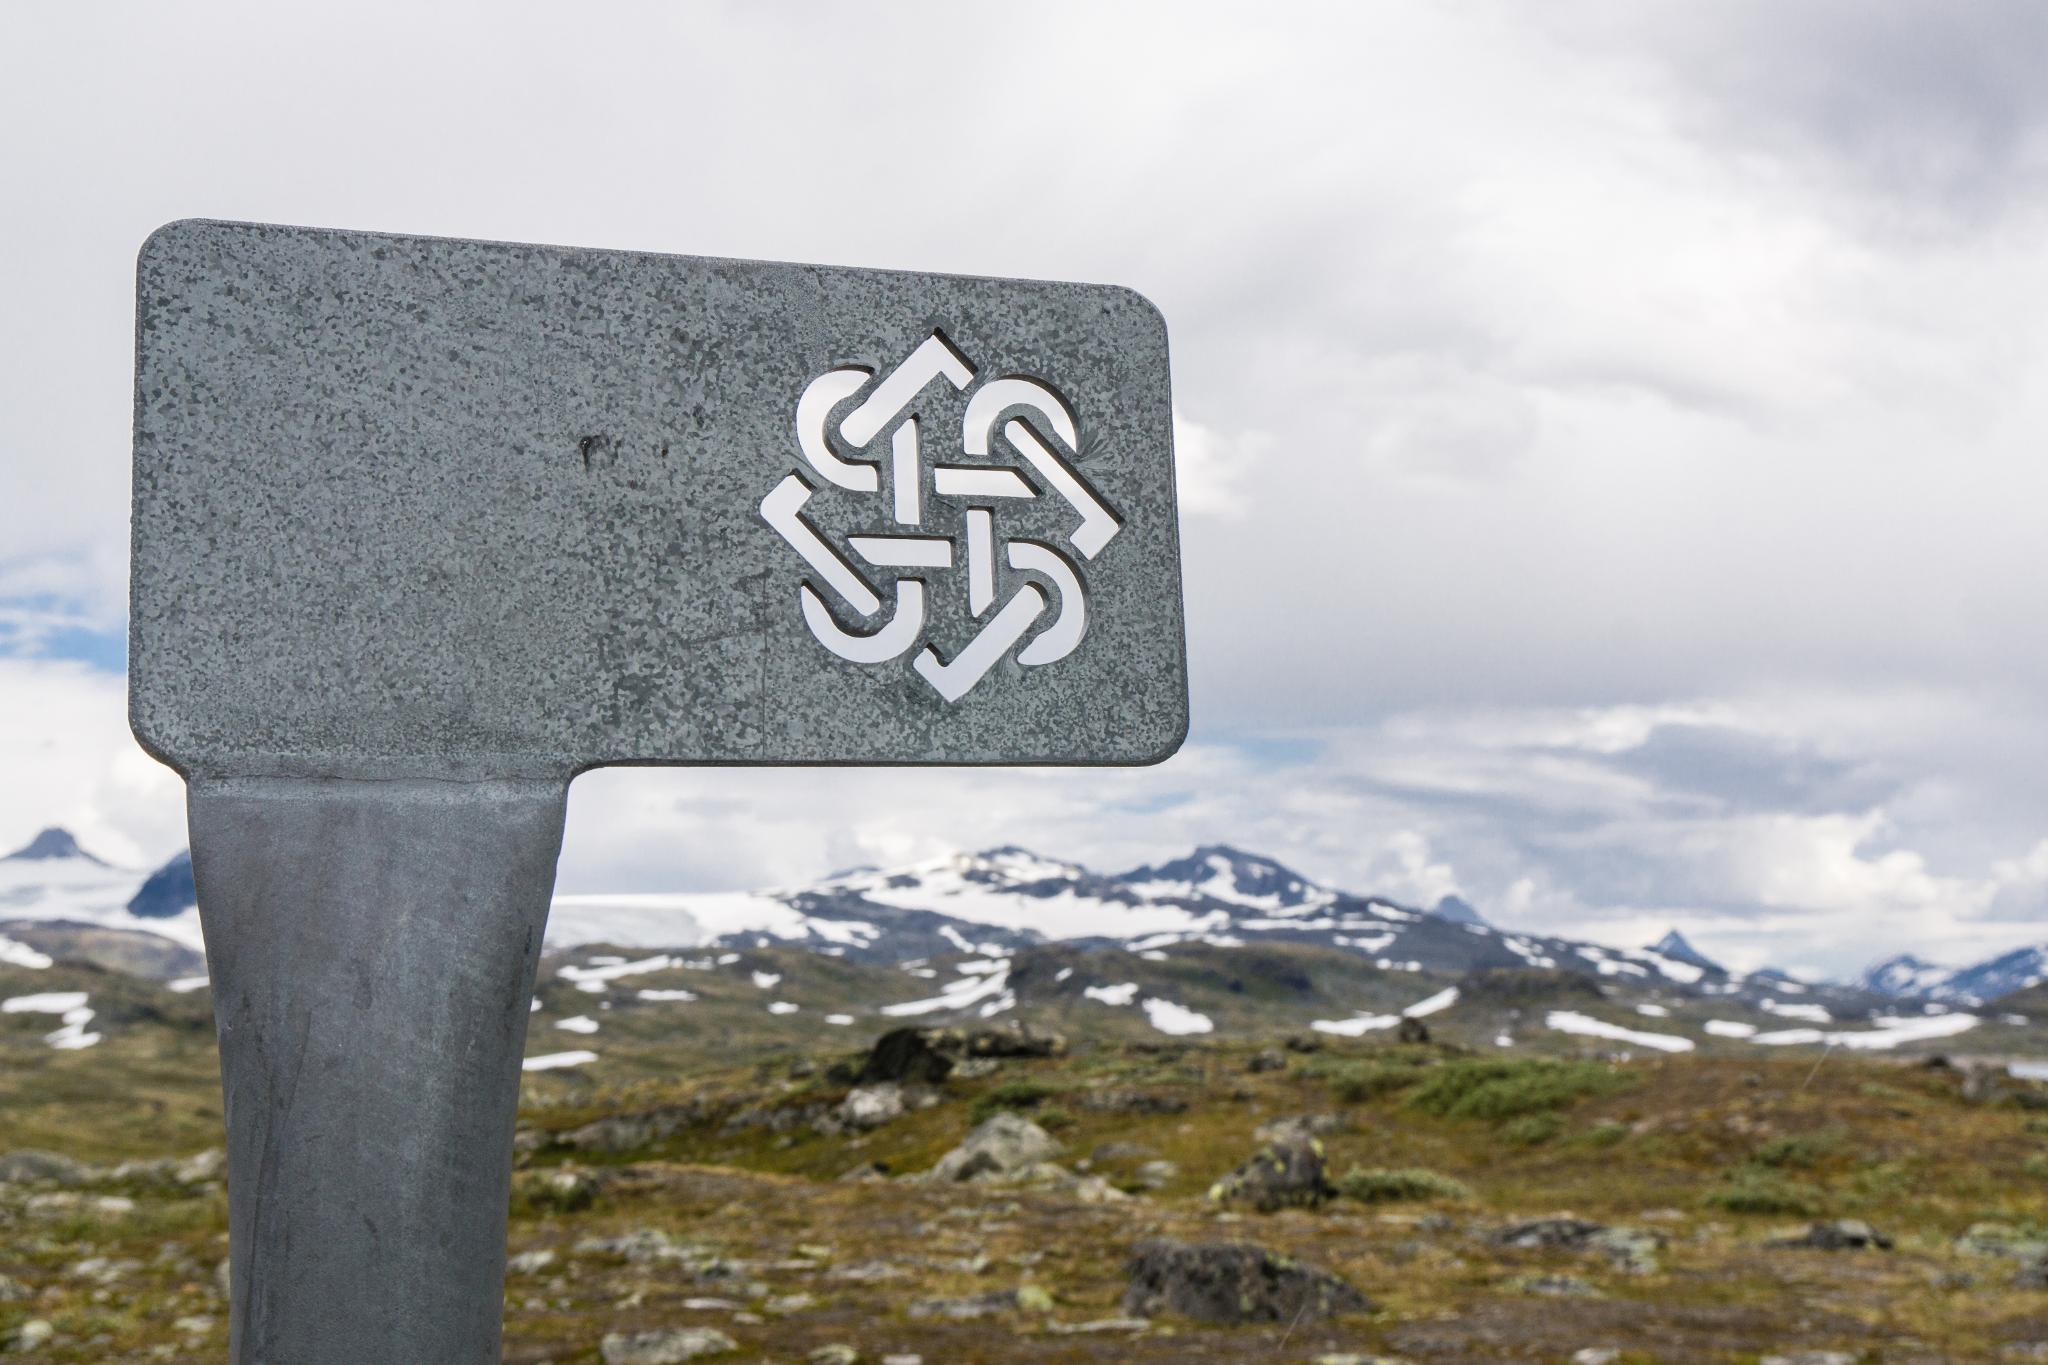 【北歐景點】穿越挪威的屋脊 - 前進北歐最美的冰原景觀公路 Fv55松恩山路 (Sognefjellet) 34